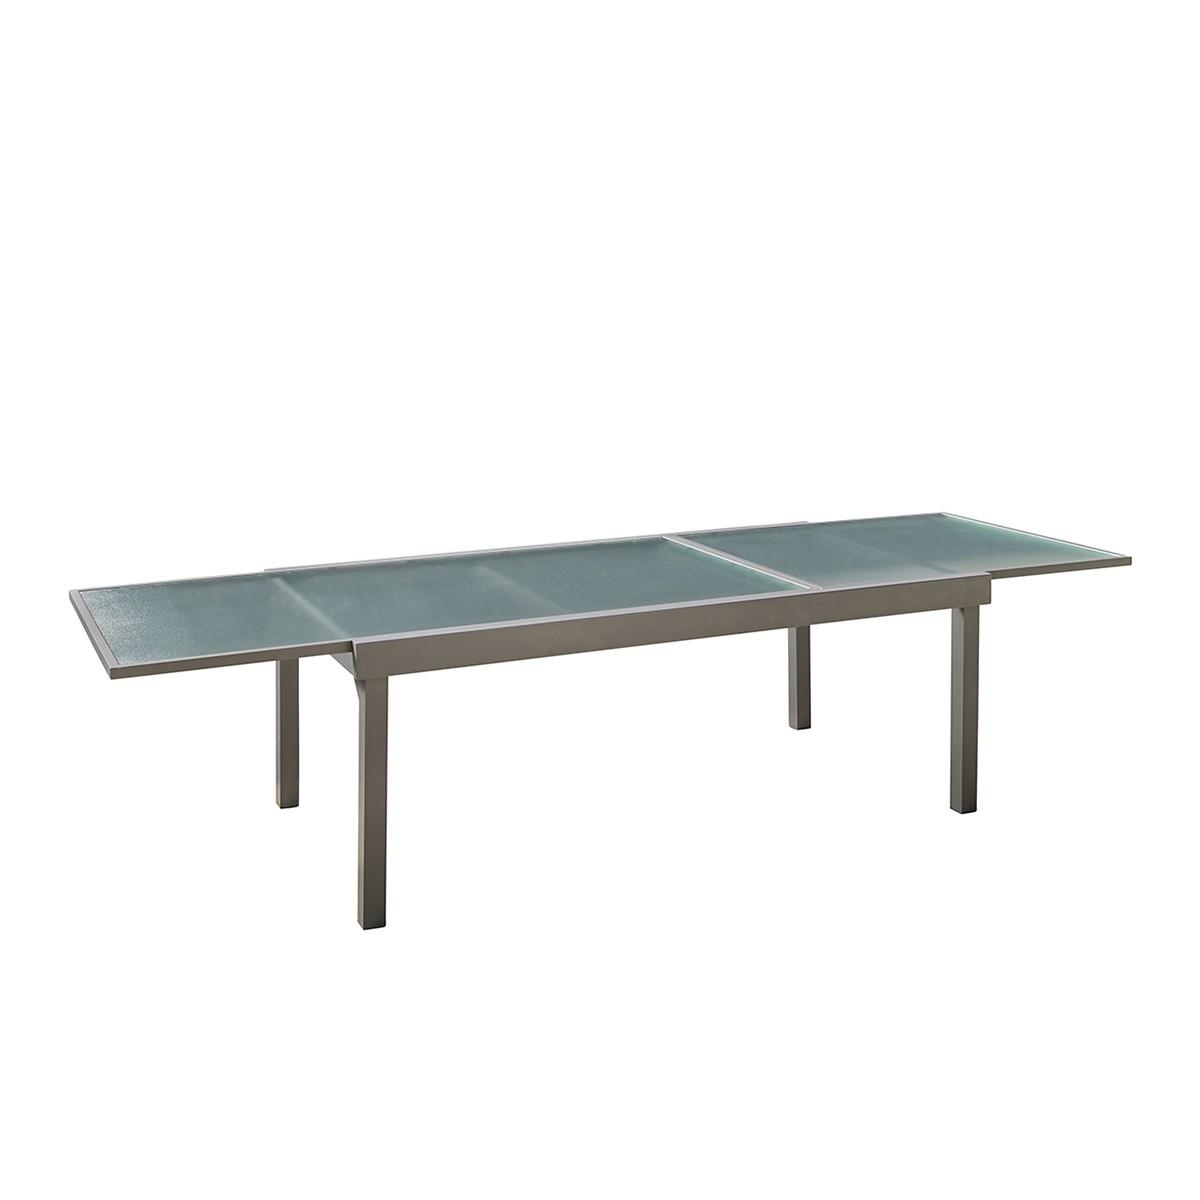 Table de jardin extensible en aluminium gris 8/12 places